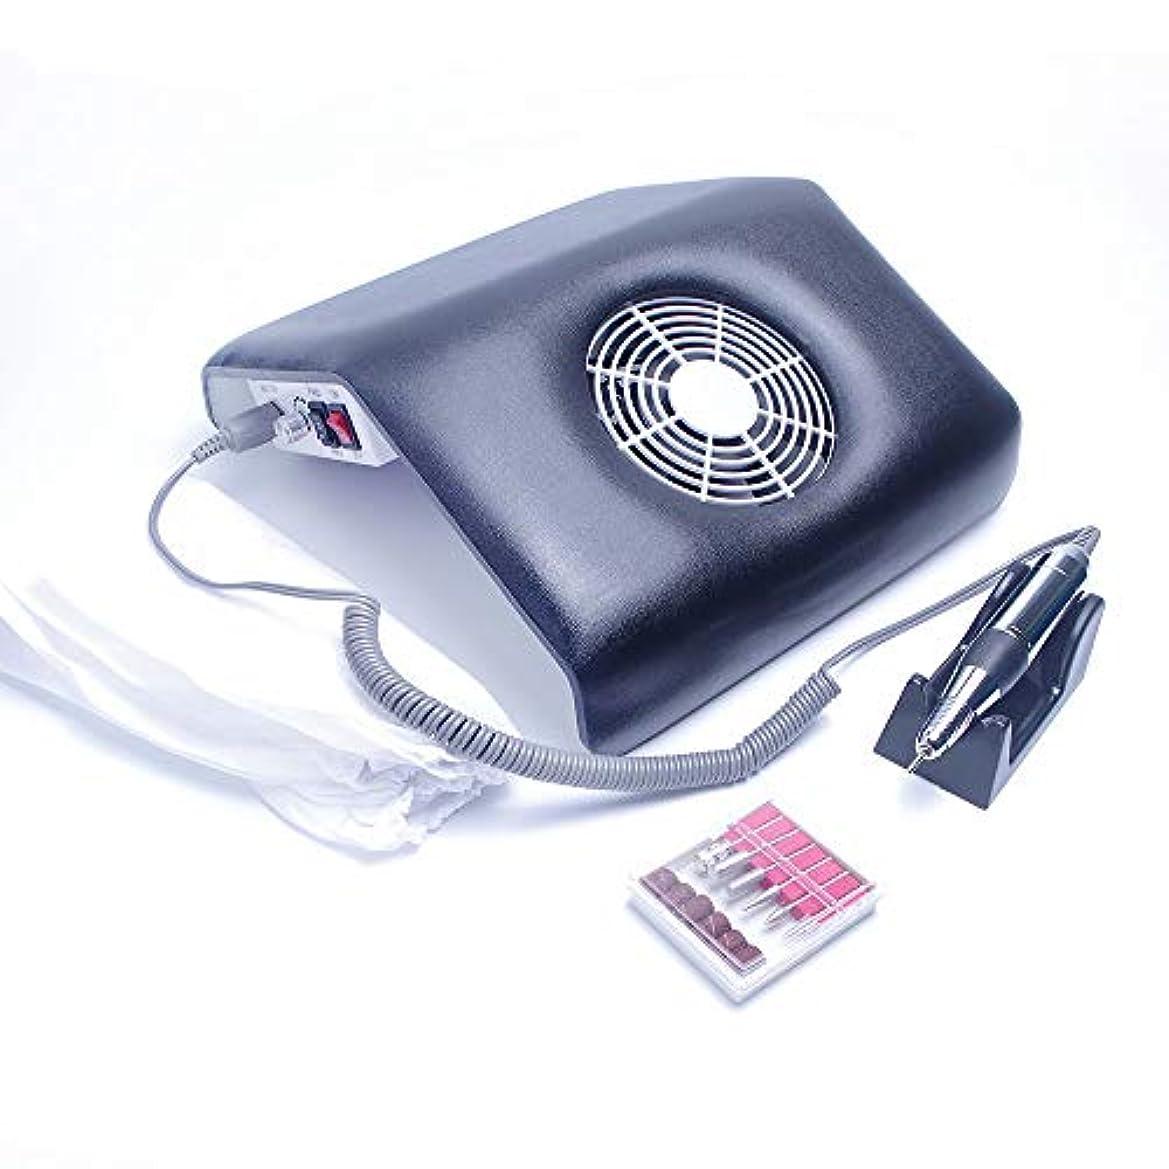 知っているに立ち寄るタイプライターごみ集塵機 ネイル ダストコレクター ネイルドリル ネイルマシーン ネイルマシン 電動ネイルファイル 電動ネイルケア ネイルオフ ジェルネイルオフ ジェルオフ セルフネイル